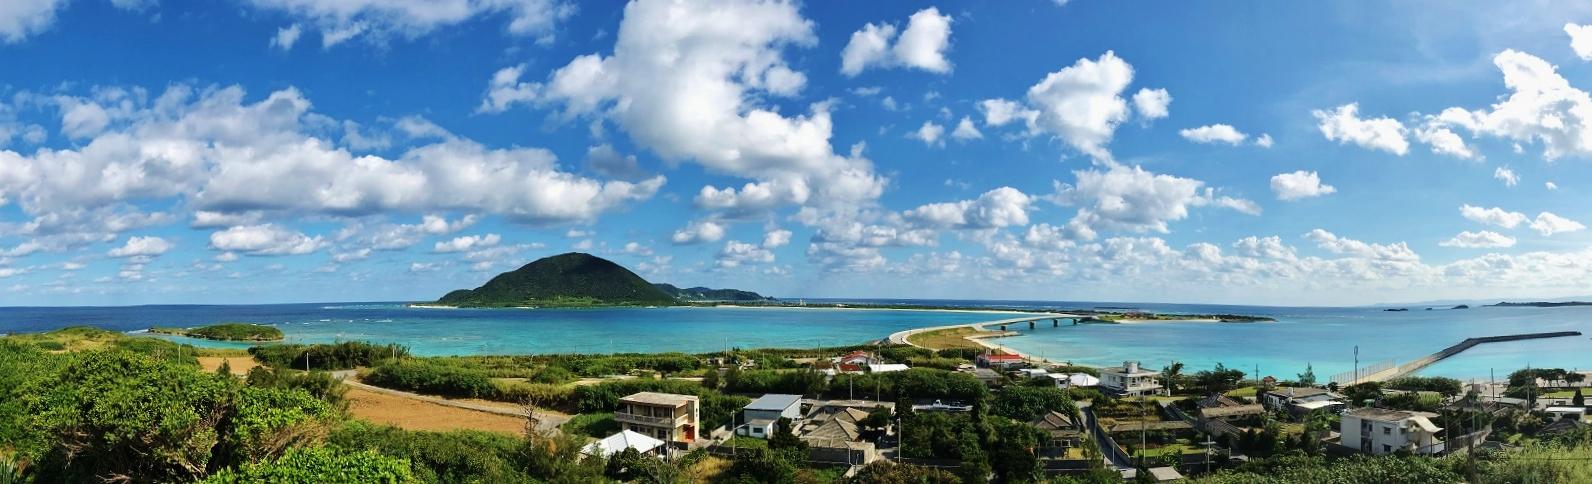 沖縄本島ドライブだけじゃ物足りない!2020年 沖縄おすすめビーチランキング【沖縄離島編】